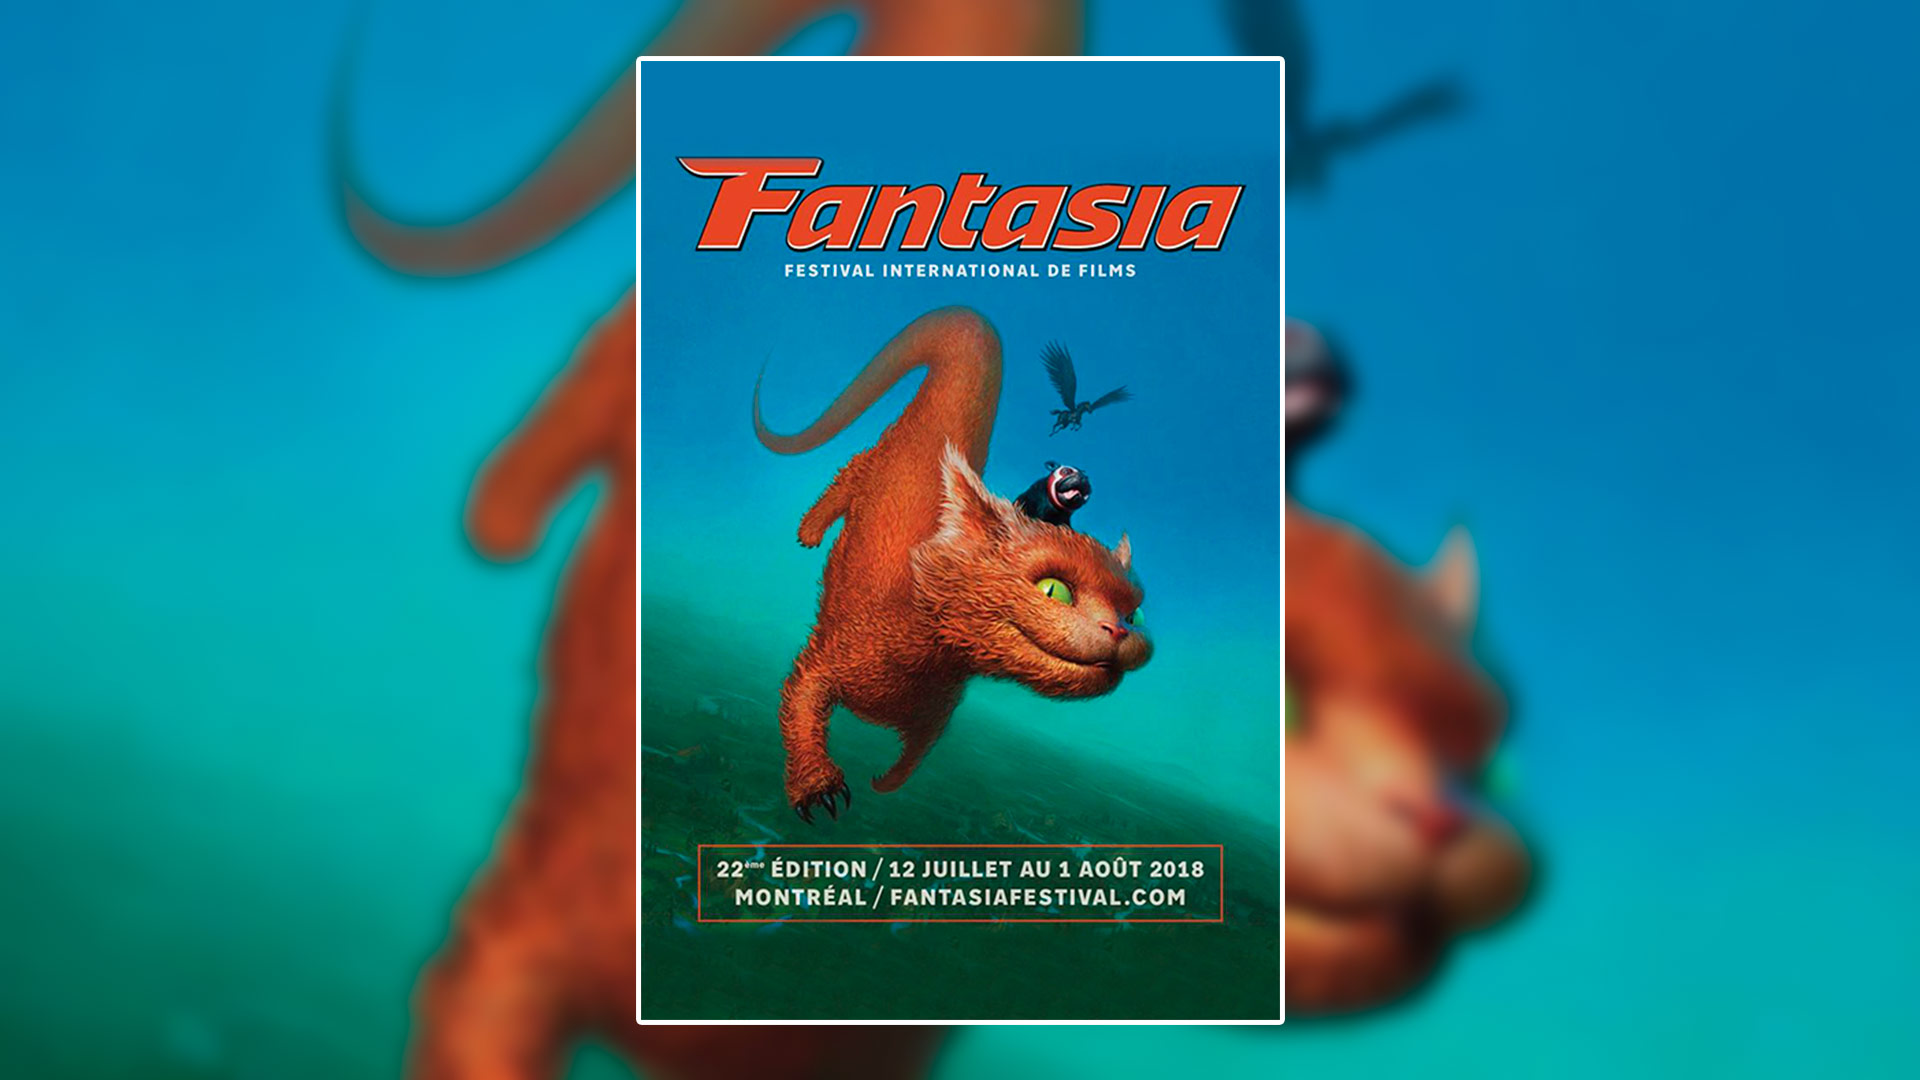 Le festival Fantasia dévoile son affiche et deux films à l'affiche